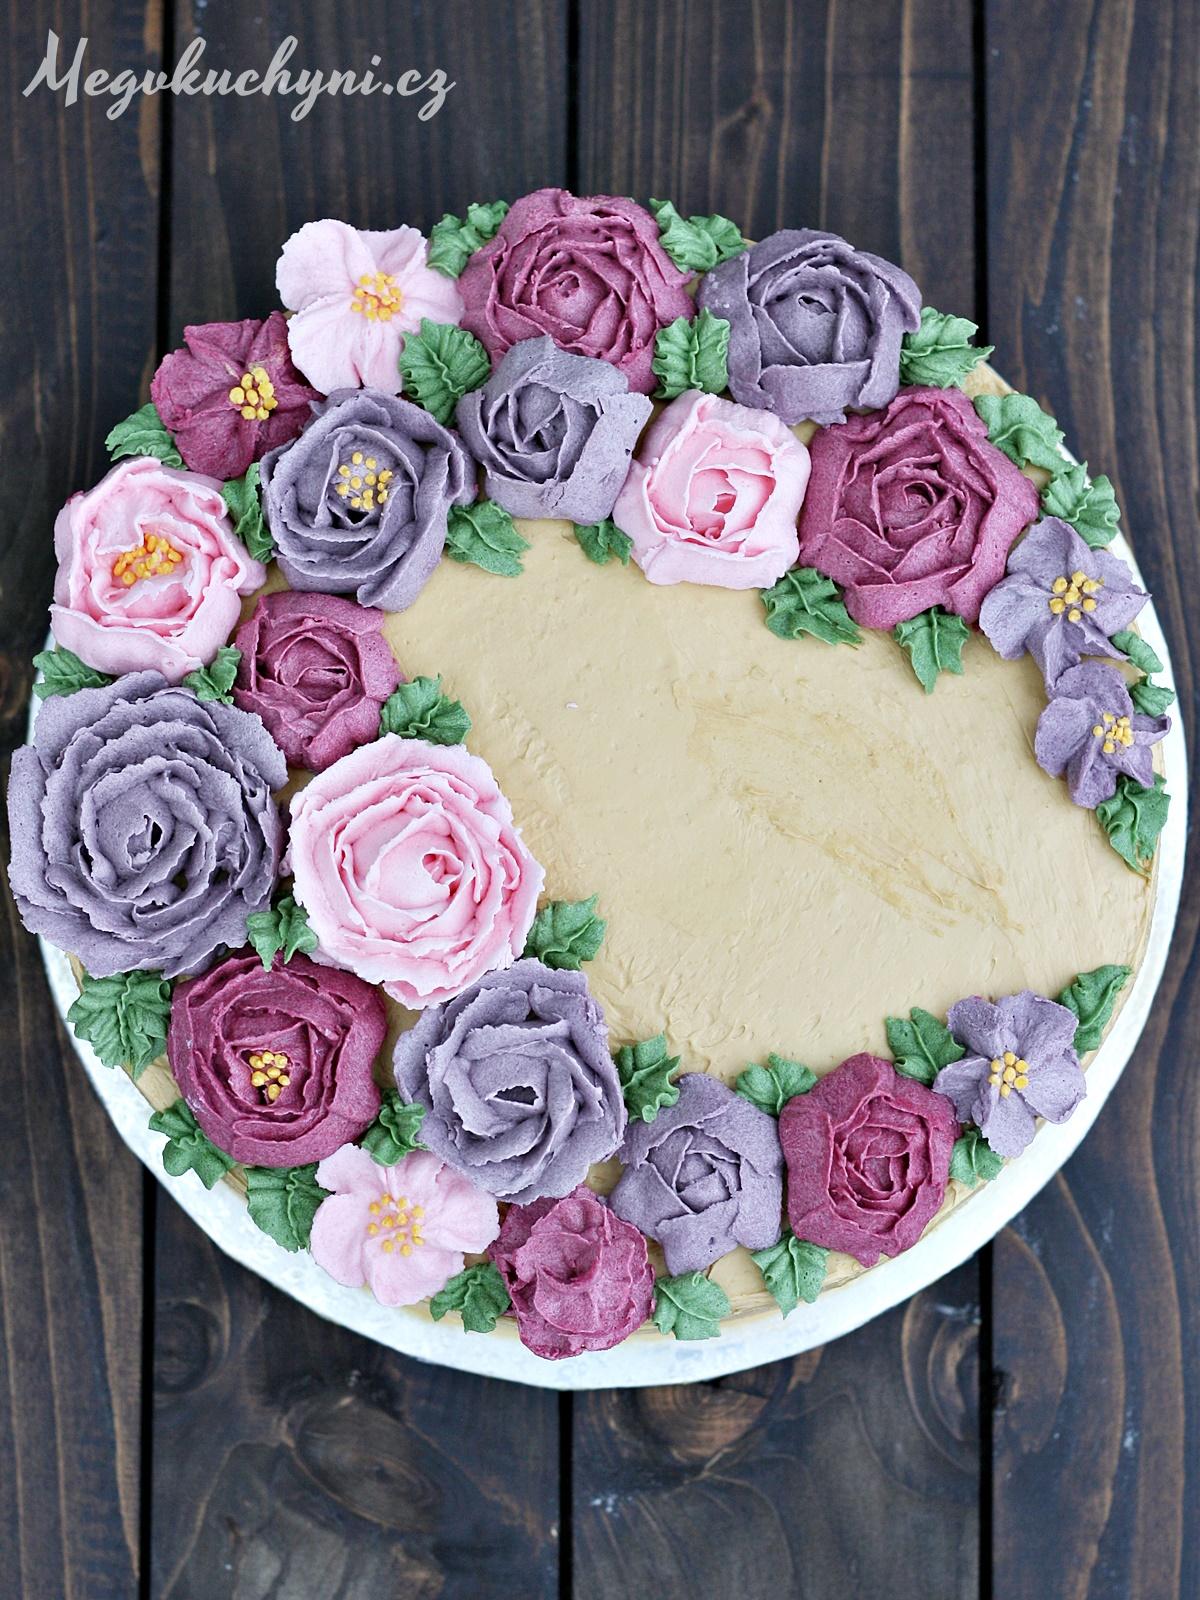 První pokusy skrémovými květinami (aneb piškotový dort skaramelovým krémem amáslovými růžemi)